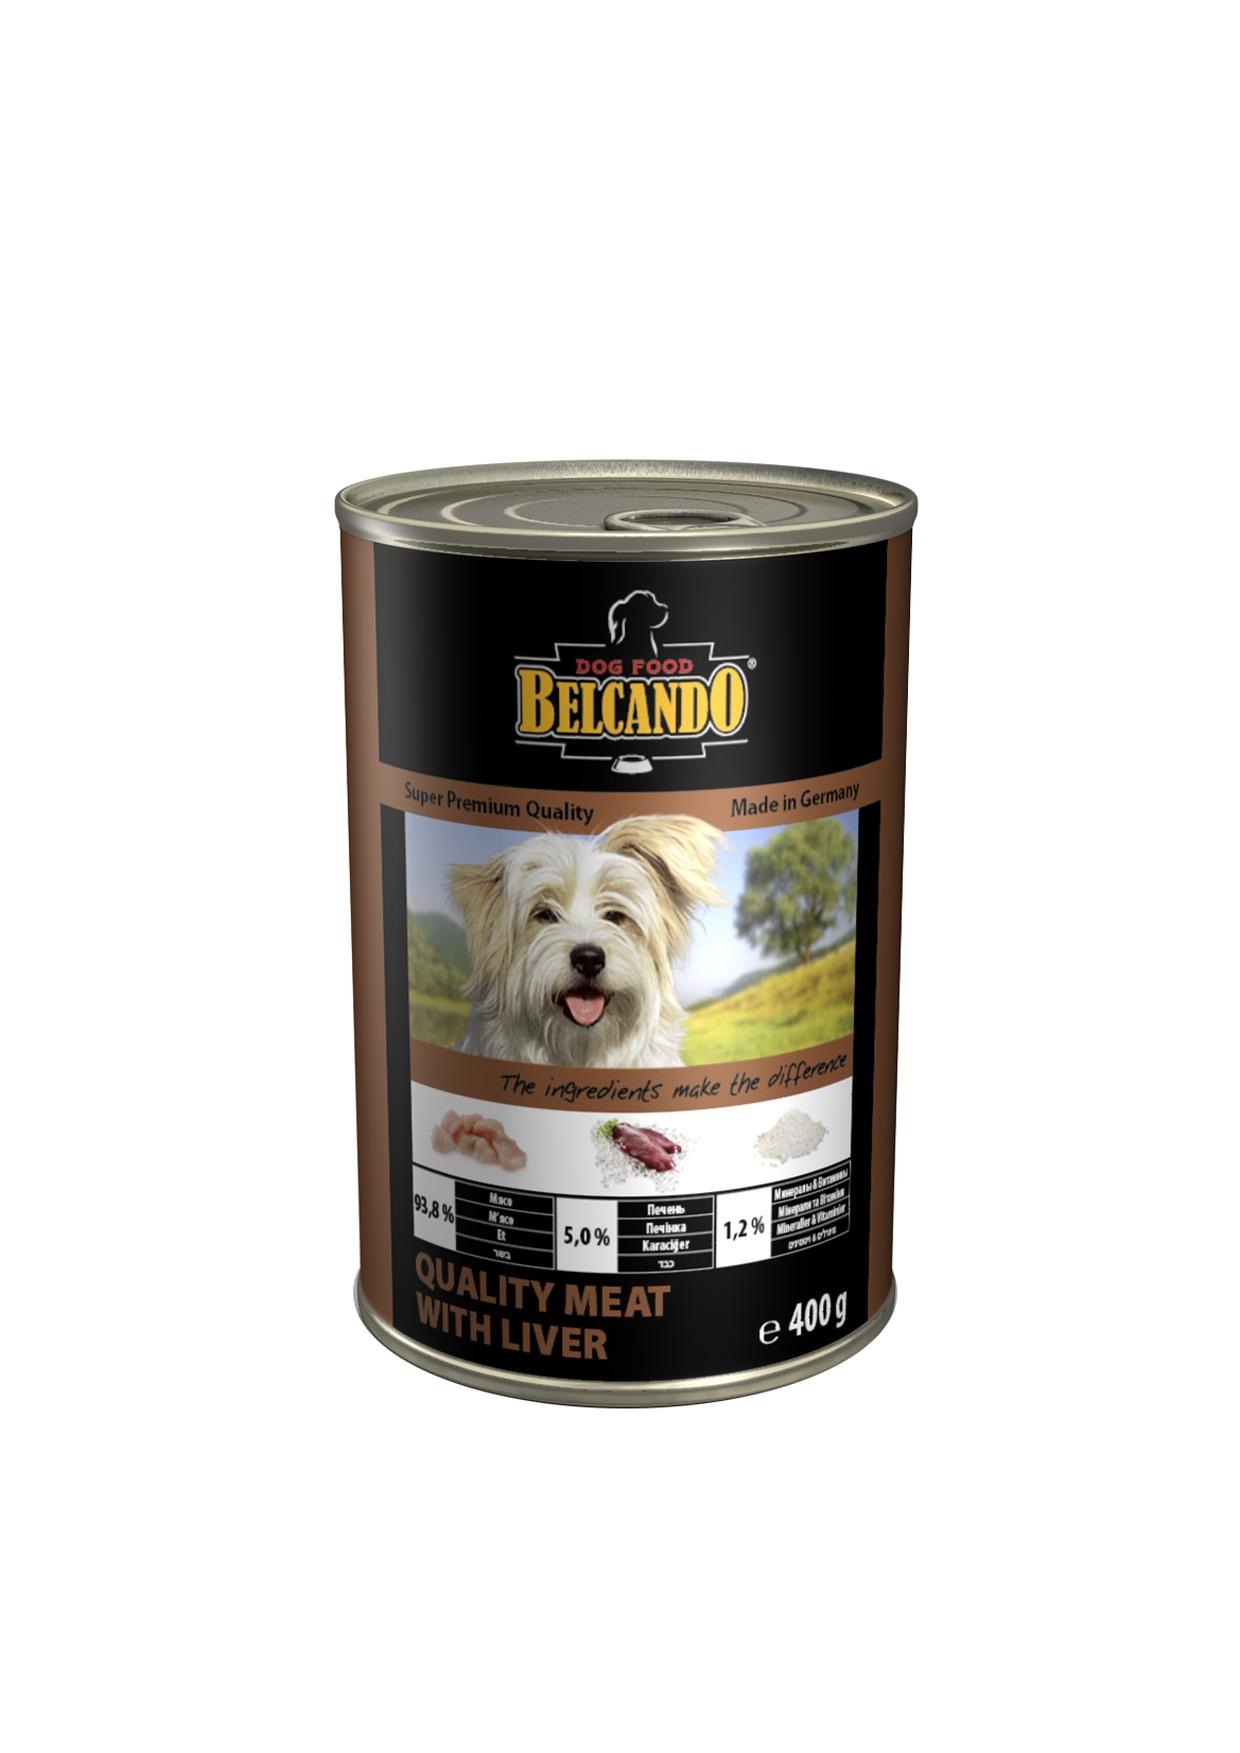 Консервы для собак Belcando, с мясом и печенью, 400 г13151Консервы Belcando - это полнорационное влажное питание для собак. Подходят для собак всех возрастов. Комбинируется с любым типом корма, в том числе с натуральной пищей. Состав: мясо 93,8%, печень 5%, витамины и минералы 1,2%. Анализ состава: протеин 14 %, жир 5,5 %, клетчатка 0,2 %, зола 2 %, влажность 79 %, витамин А 2,500 МЕ/кг, витамин Е 40 мг/кг, витамин D3 250 МЕ/кг, кальций 0,4 %, фосфор 0,16 %.Вес: 400 г.Товар сертифицирован.